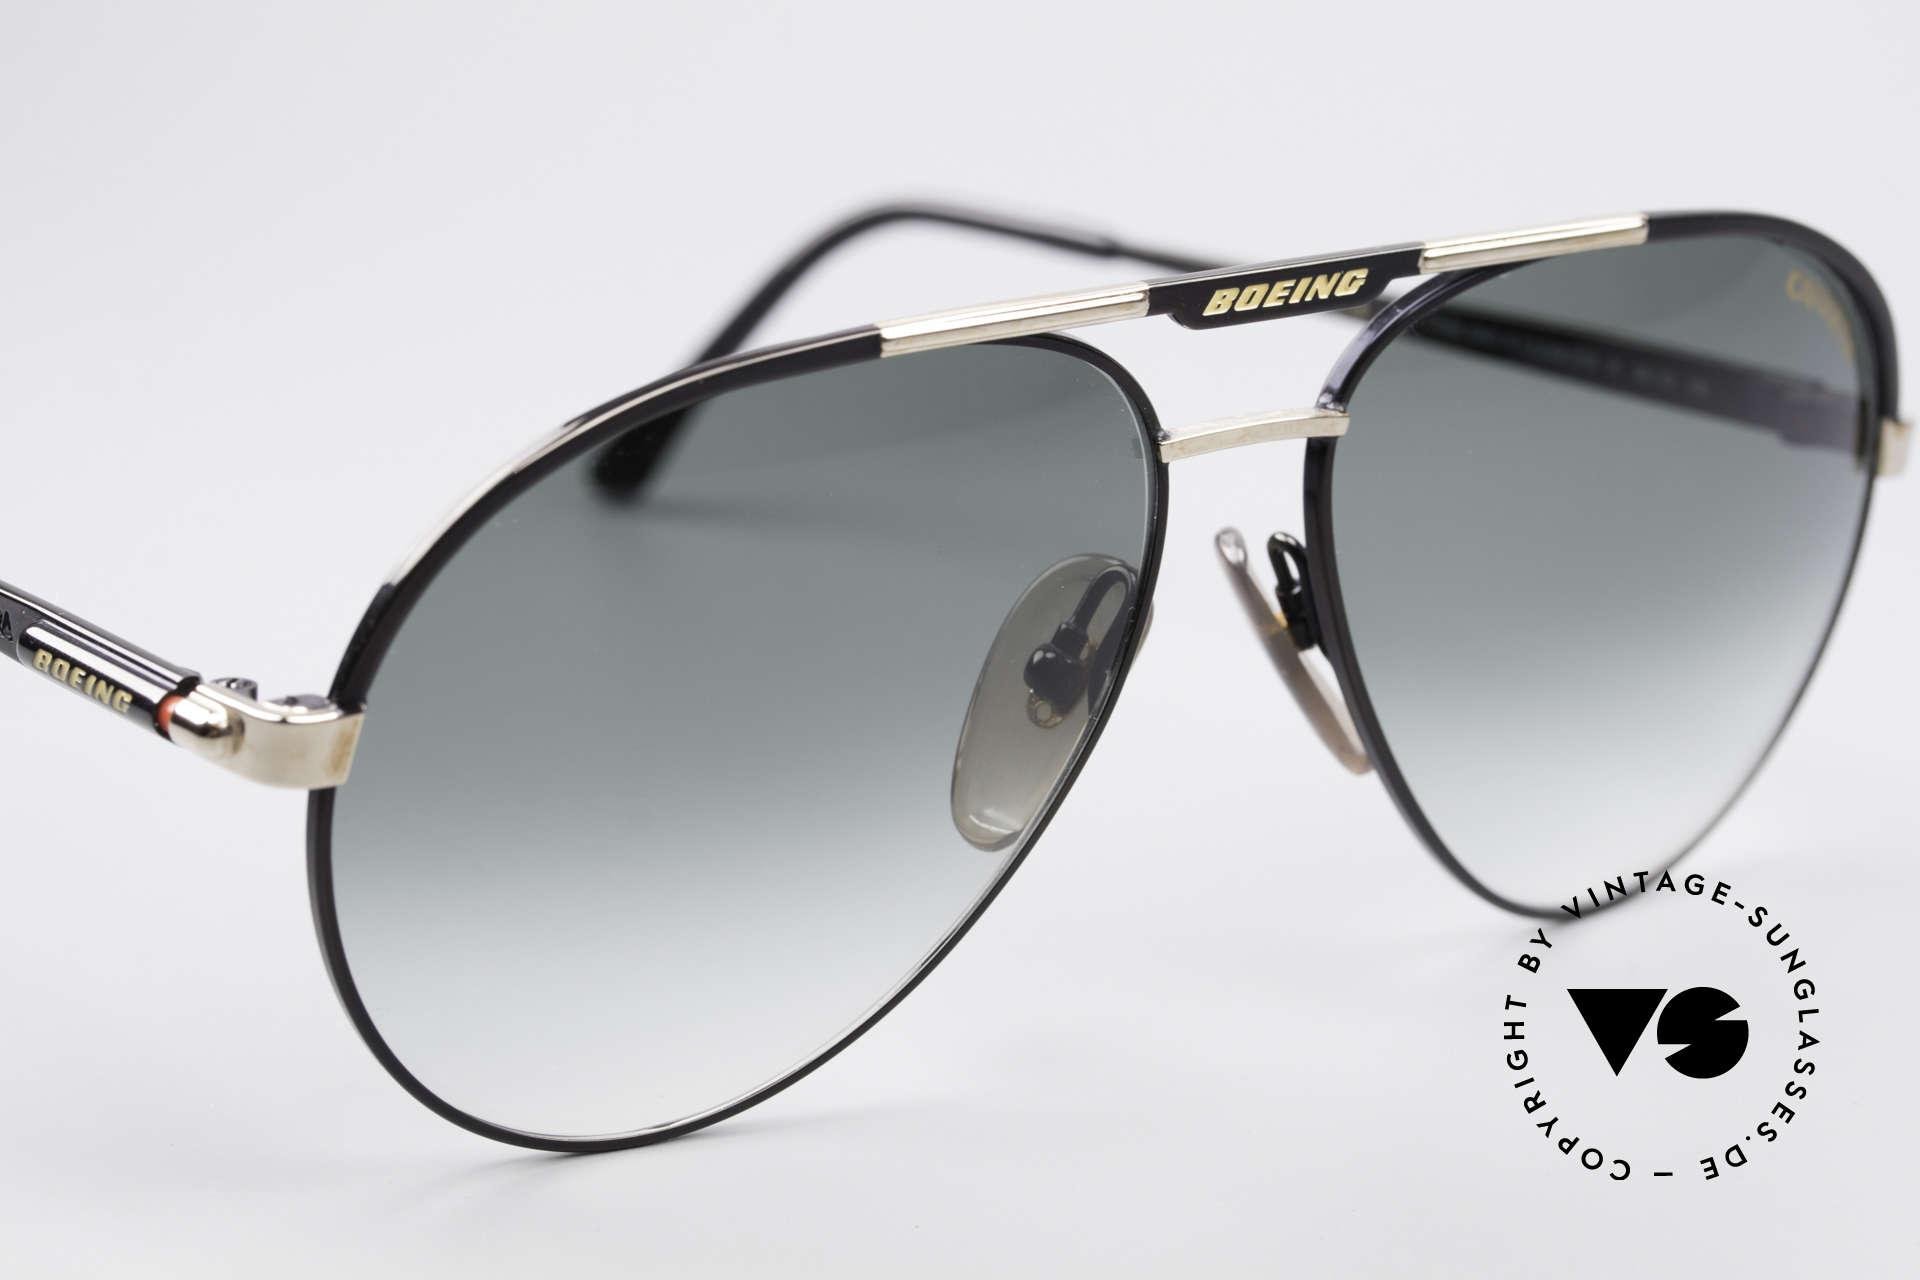 Boeing 5733 Rare 80er Pilotensonnenbrille, ungetragen (wie alle unsere vintage BOEING Brillen), Passend für Herren und Damen